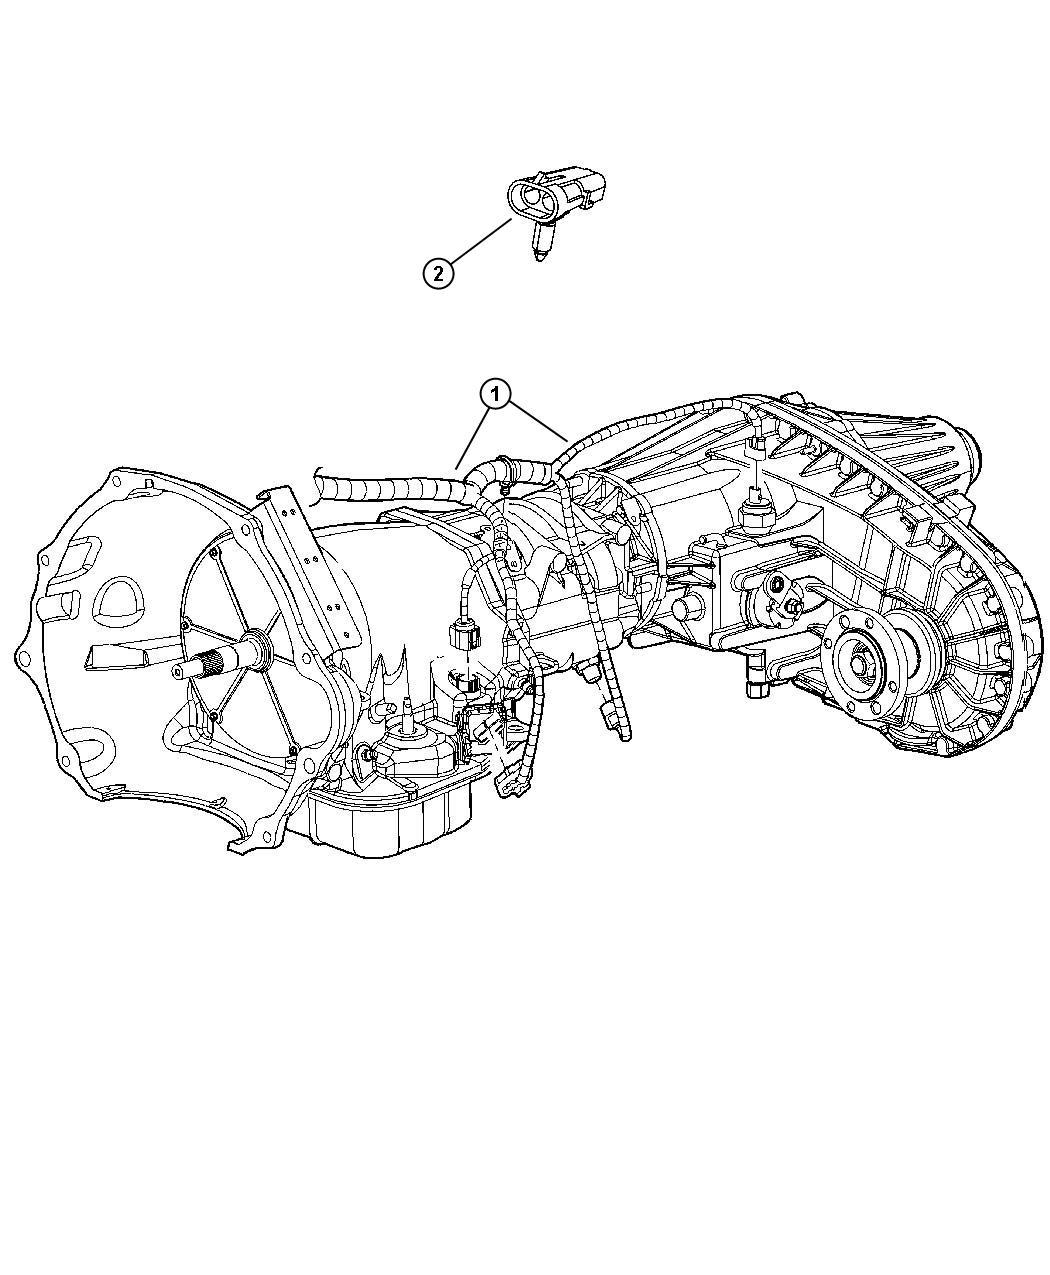 2012 Dodge Ram 3500 Wiring. Transmission. Dual, state